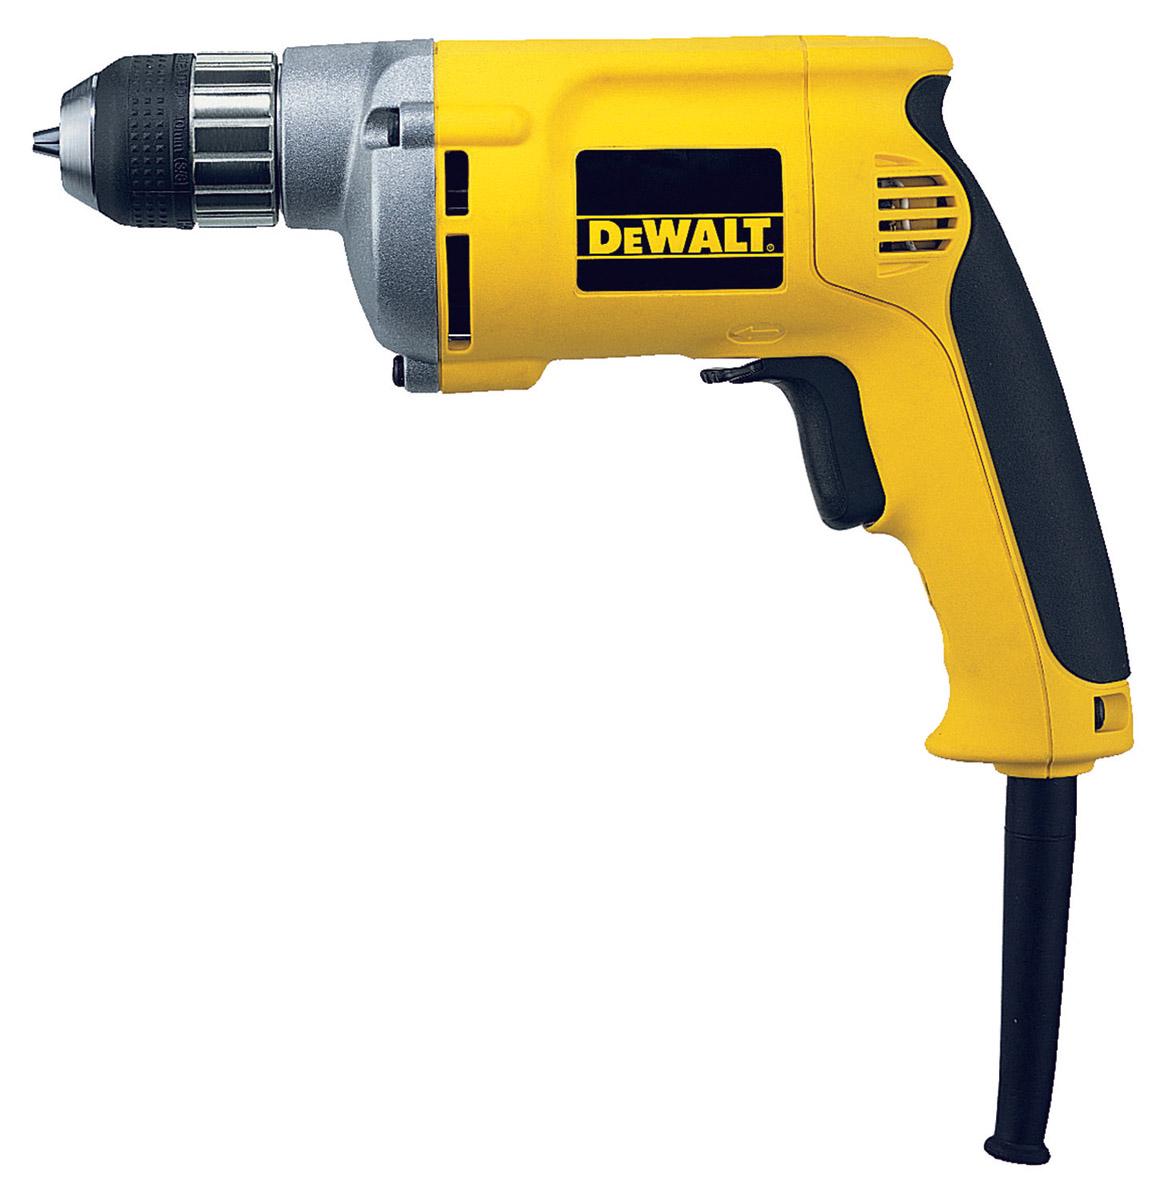 DeWALT DW217-QS